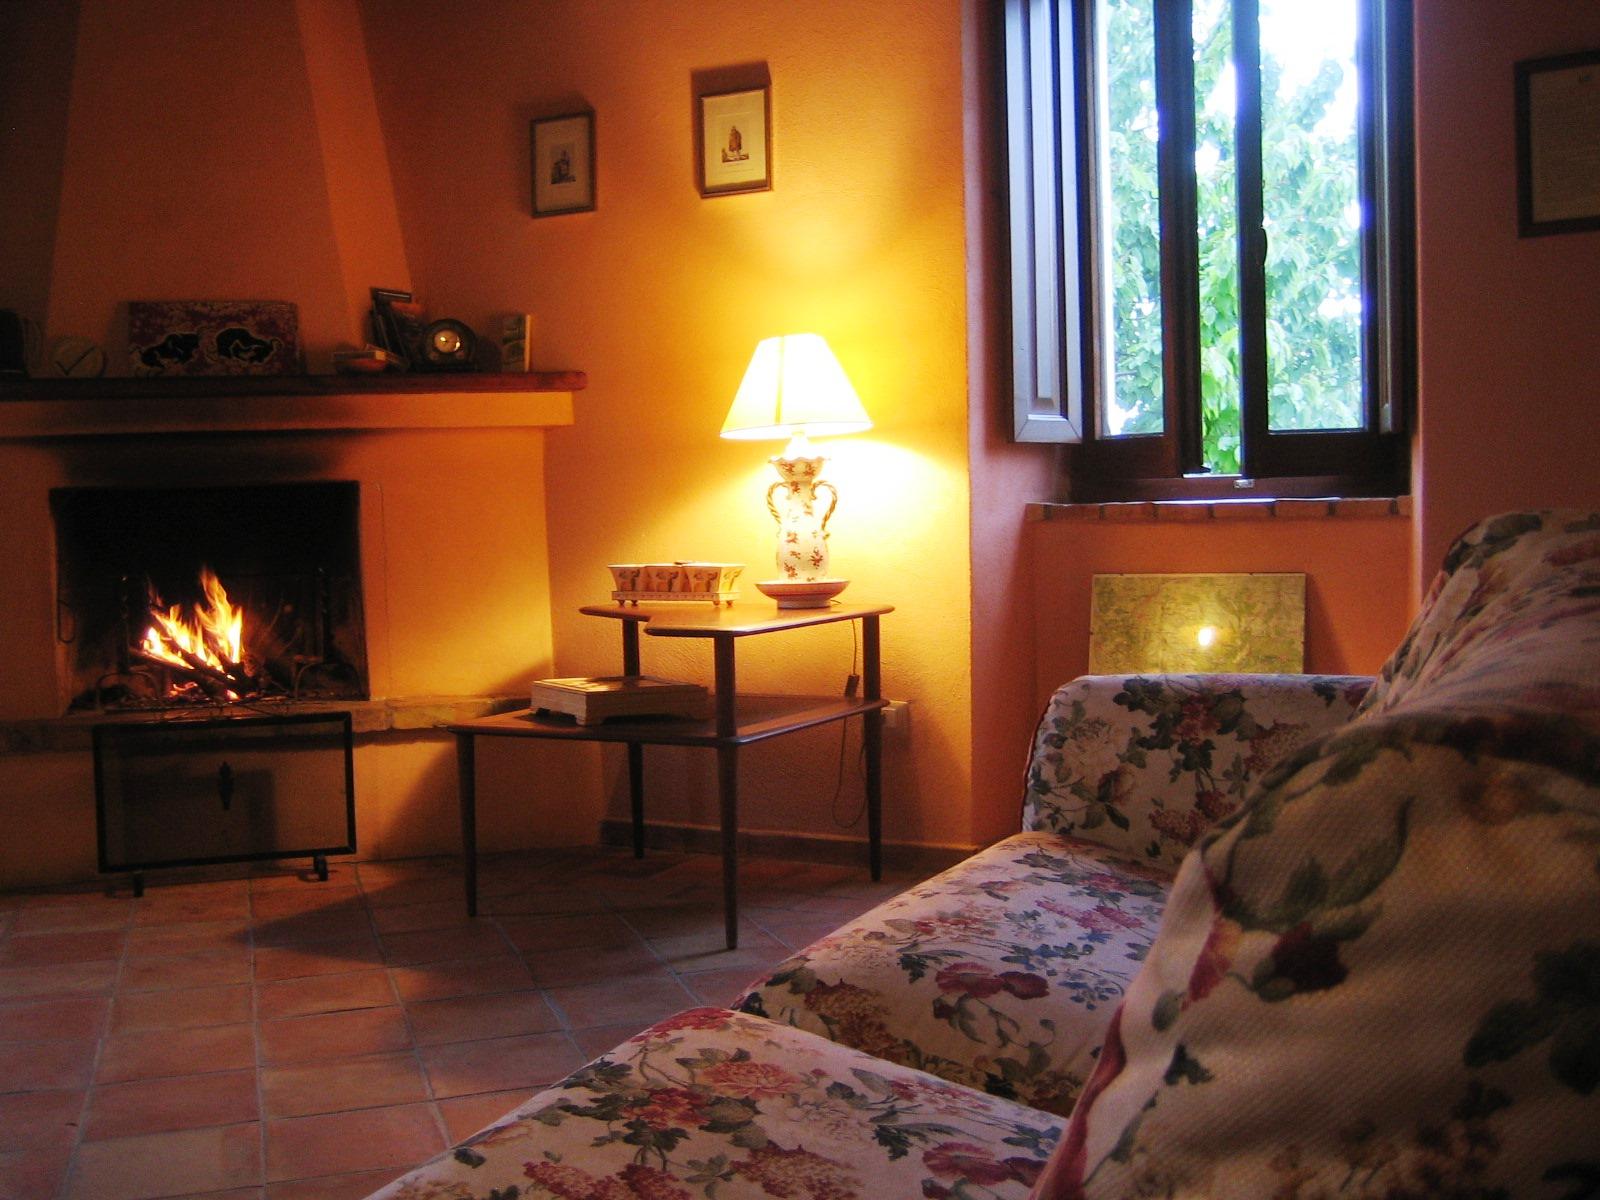 Casolare Casolare in vendita Abbateggio (PE), Casa Selva - Abbateggio - EUR 450.000 80